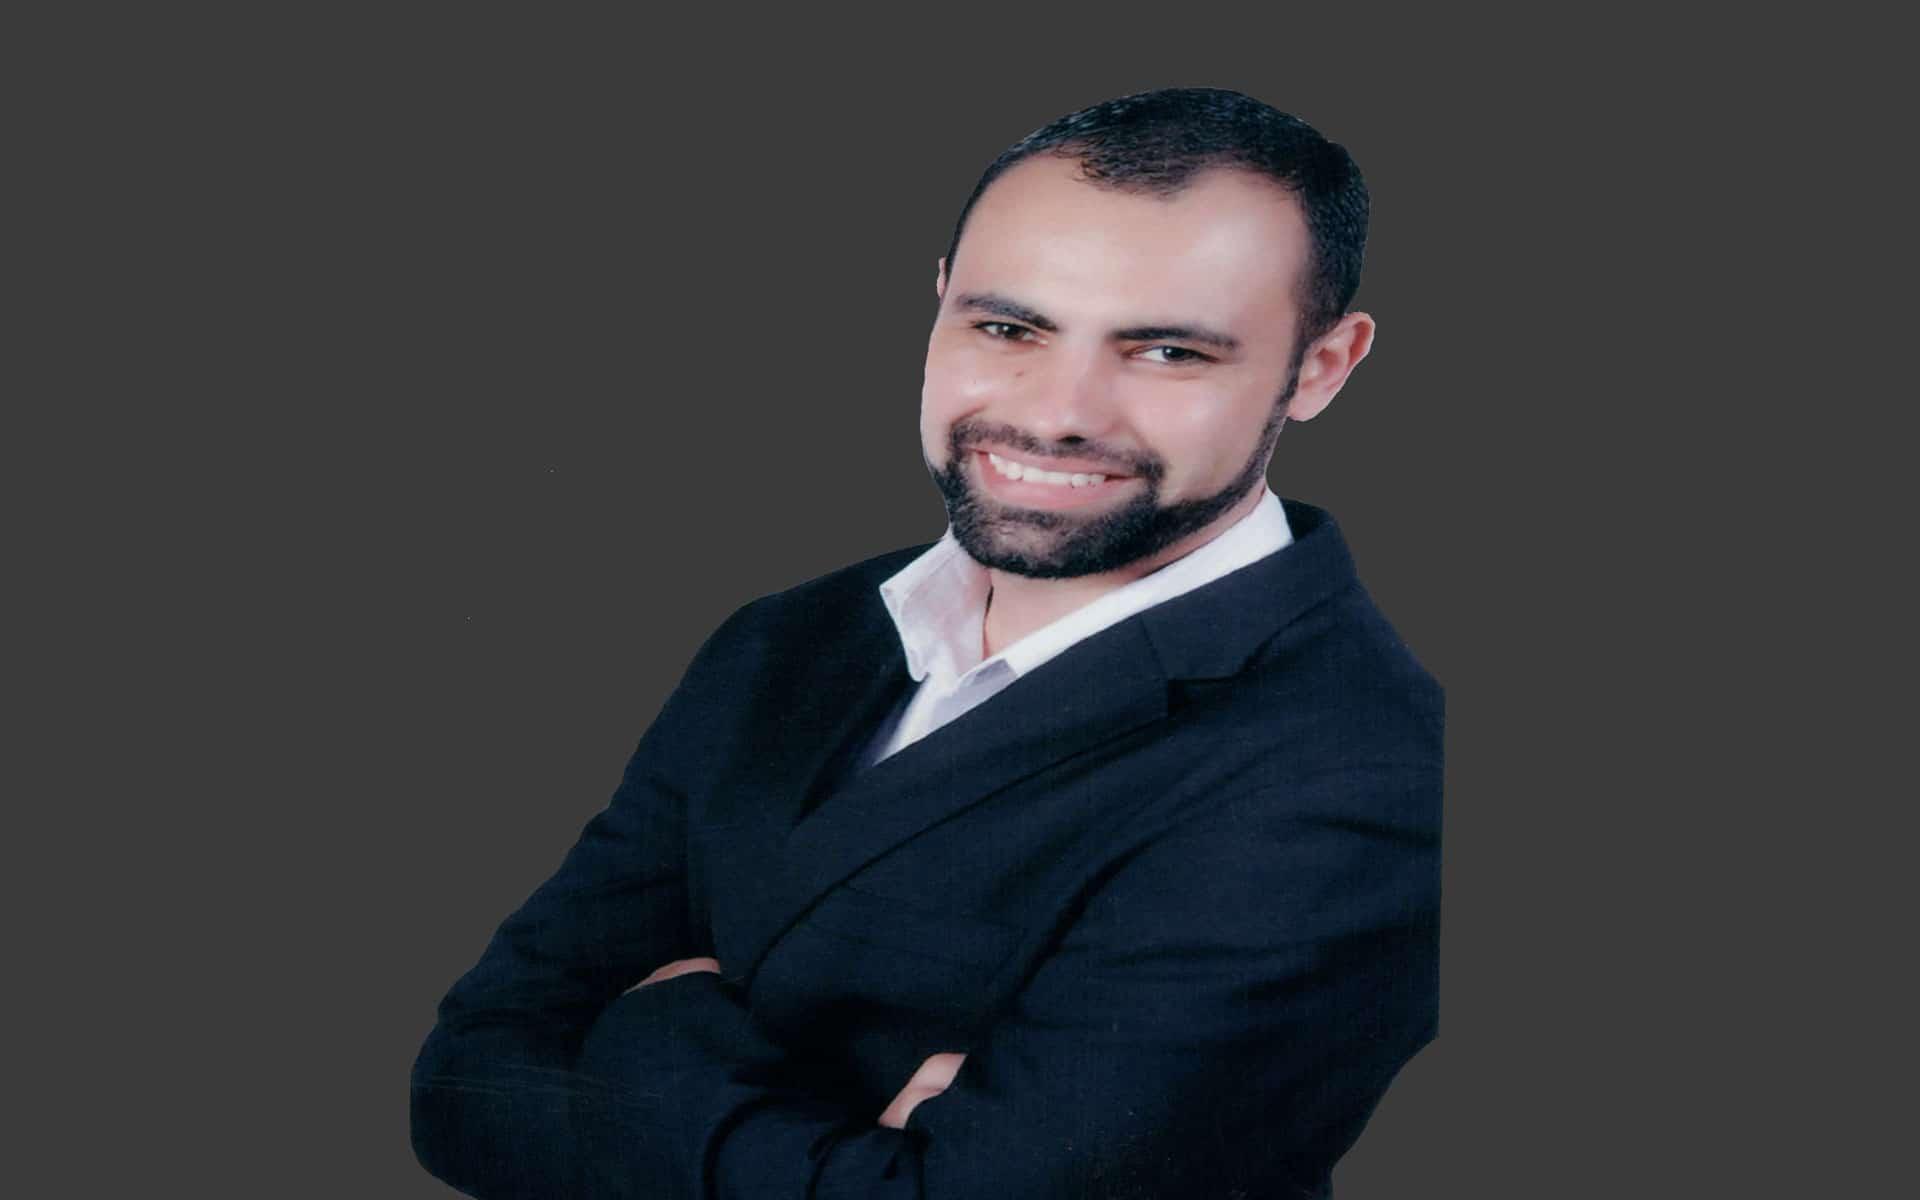 Consultor & Desenvolvedor de Negócios Digitais